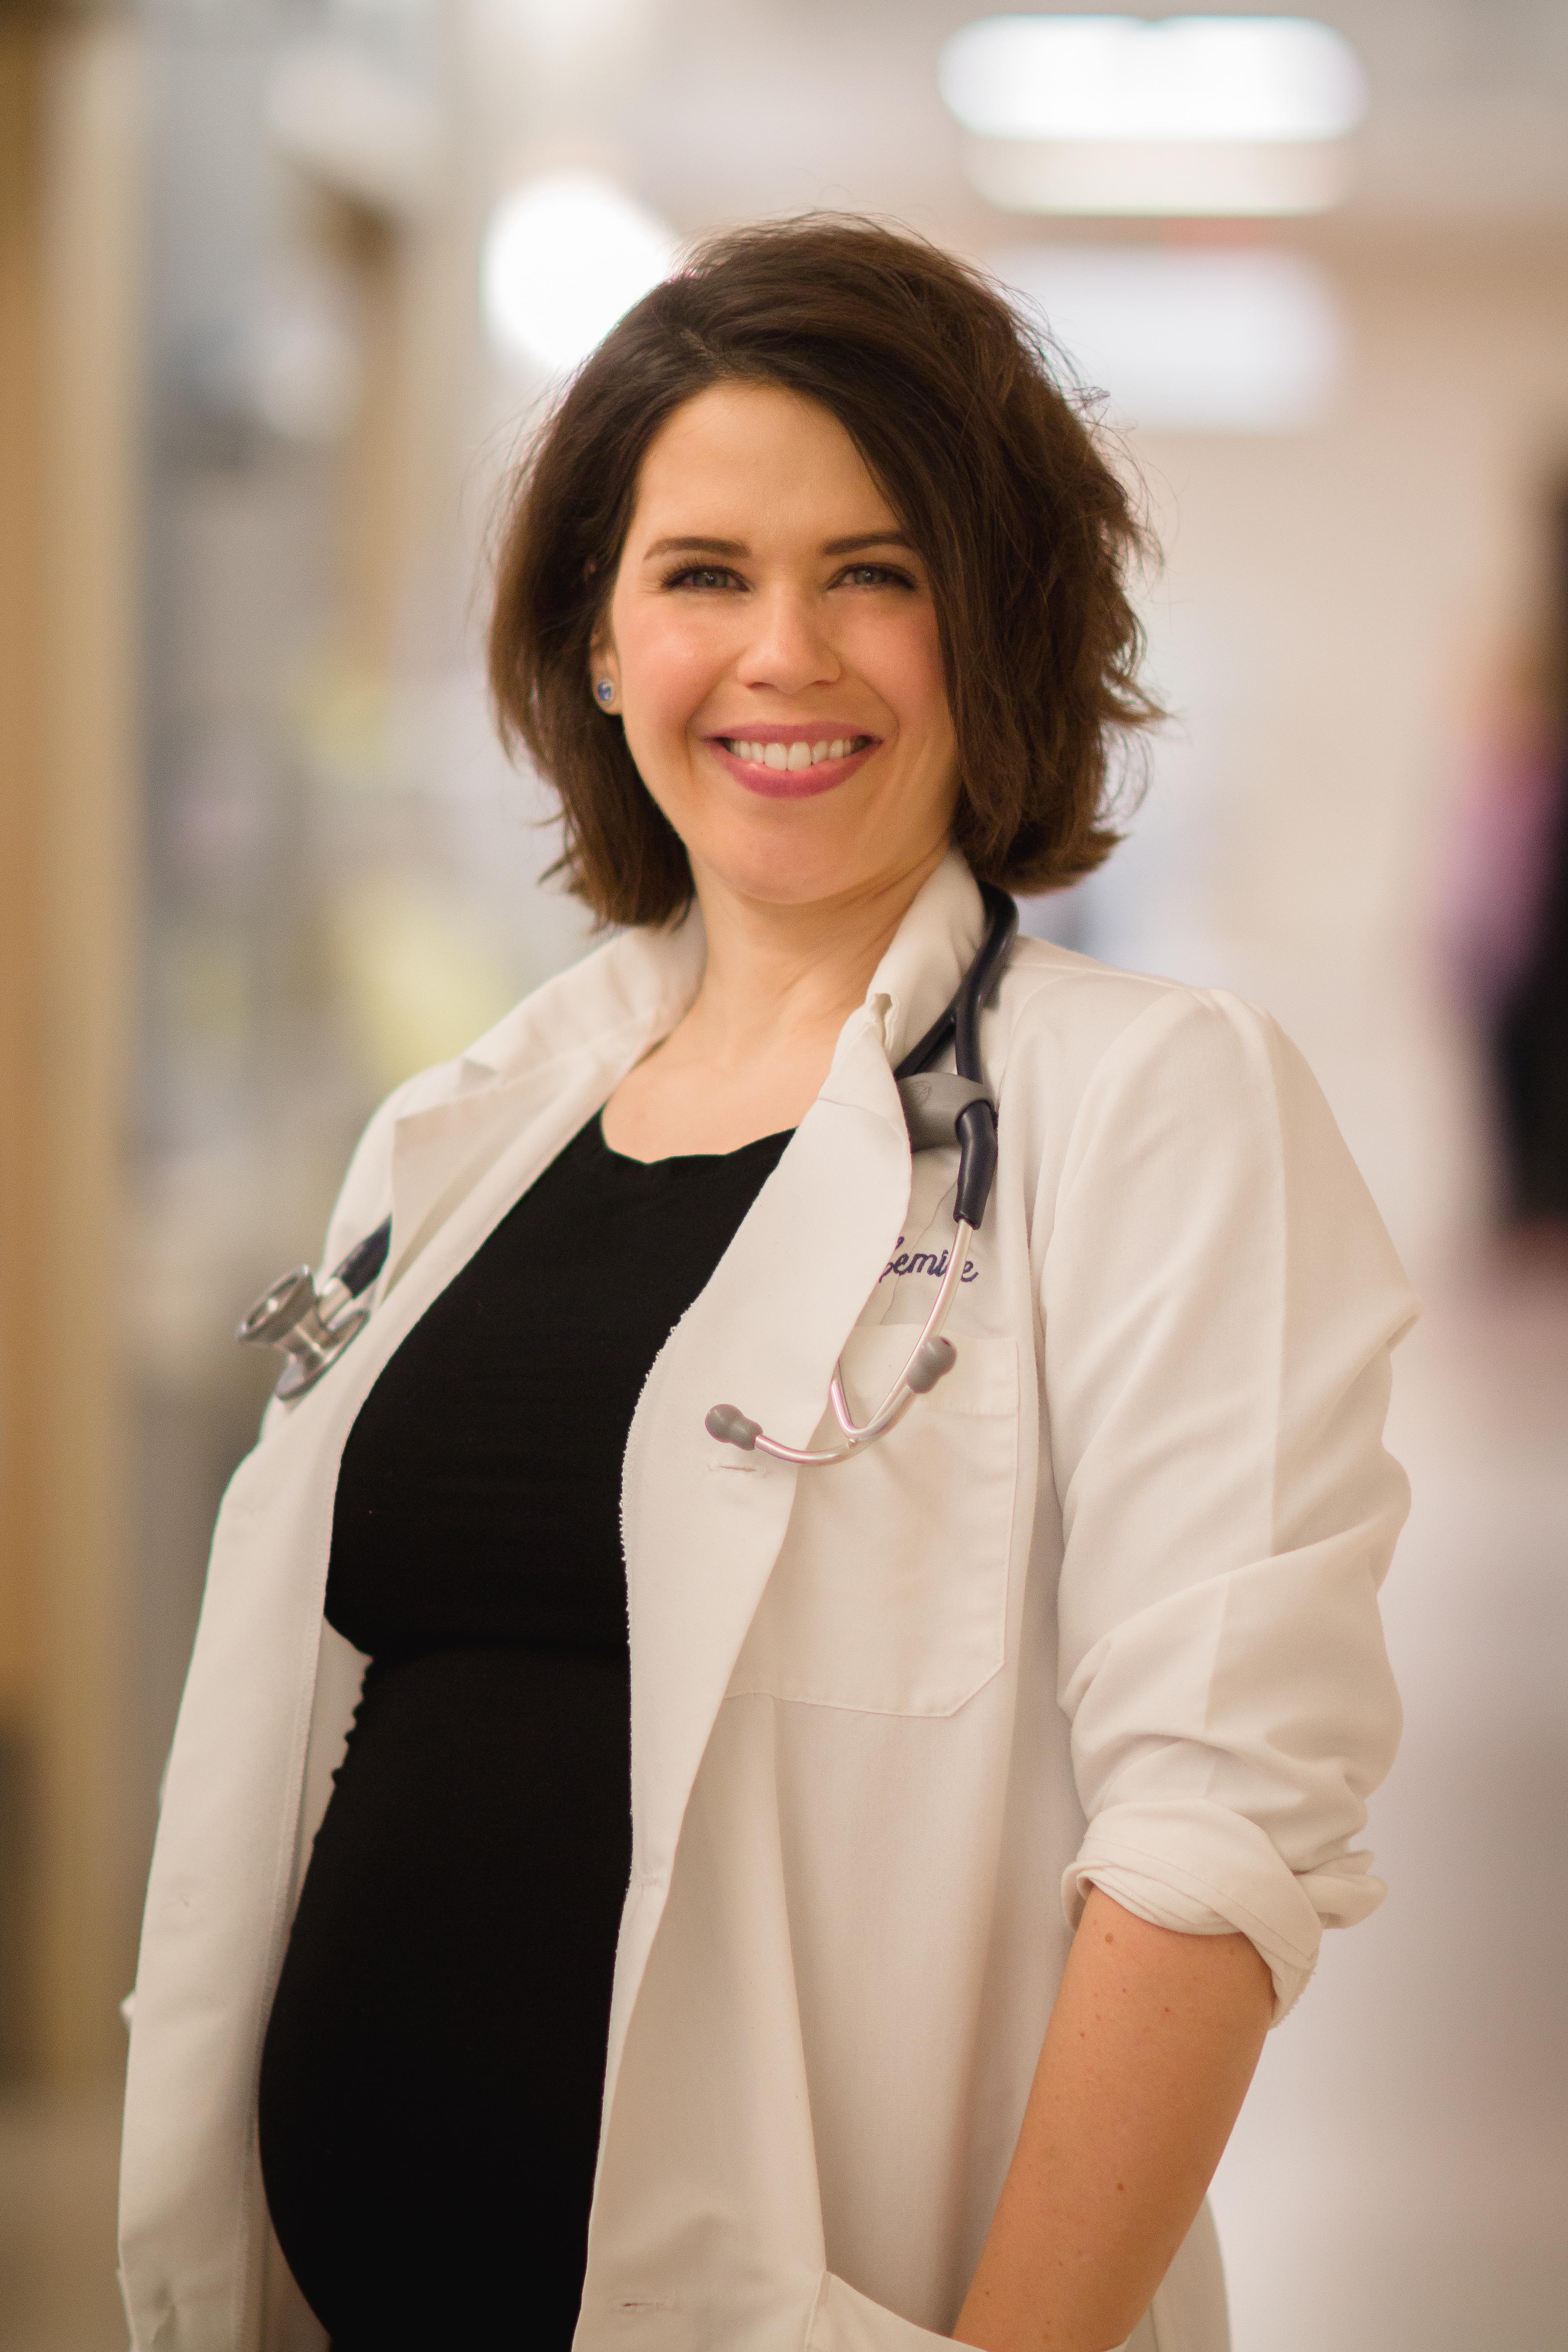 Dr. Lemire Photo